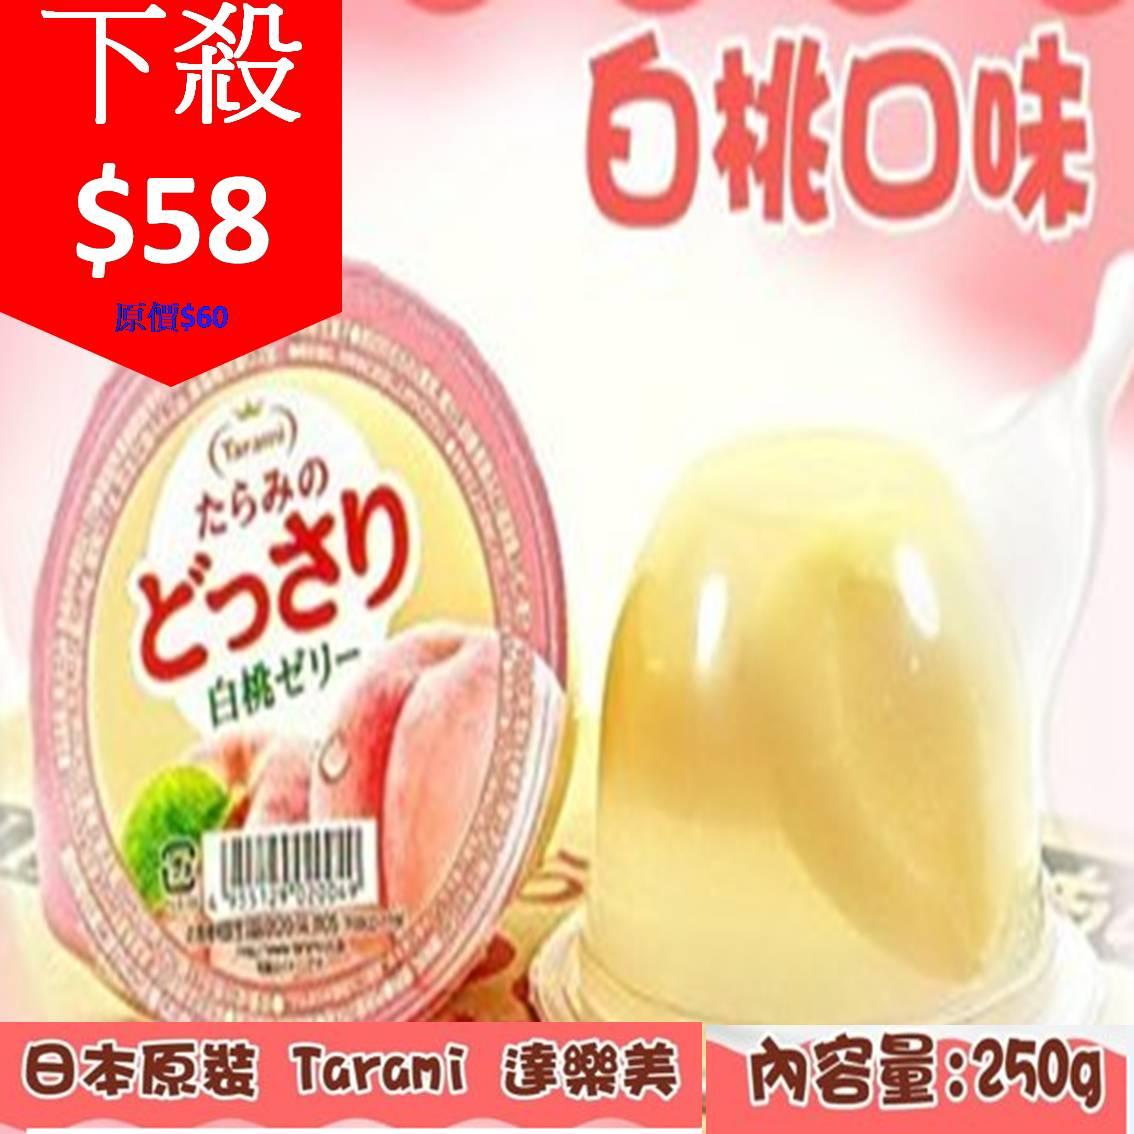 【現貨】日本 Tarami達樂美 低卡鮮果肉果凍250g 白桃【樂活生活館】